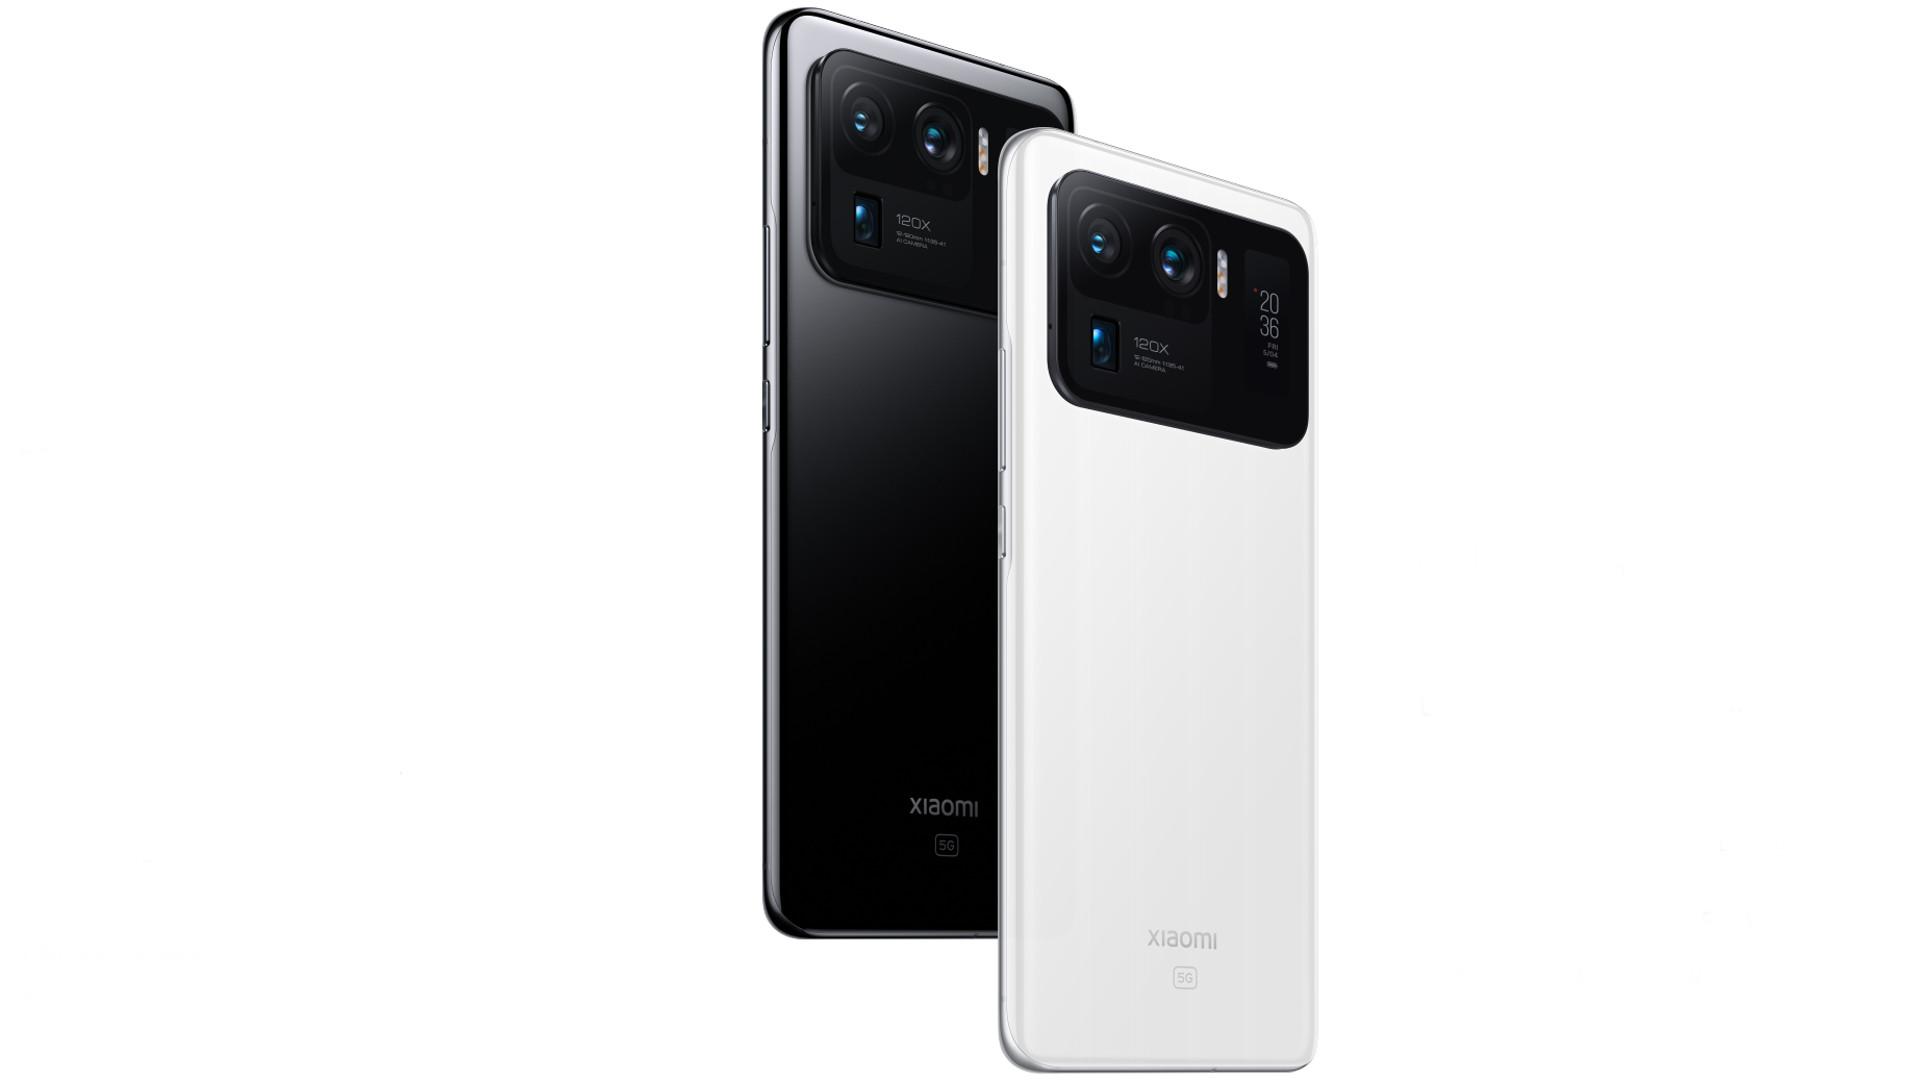 Xiaomi Mi 11 Ultra rear black and white